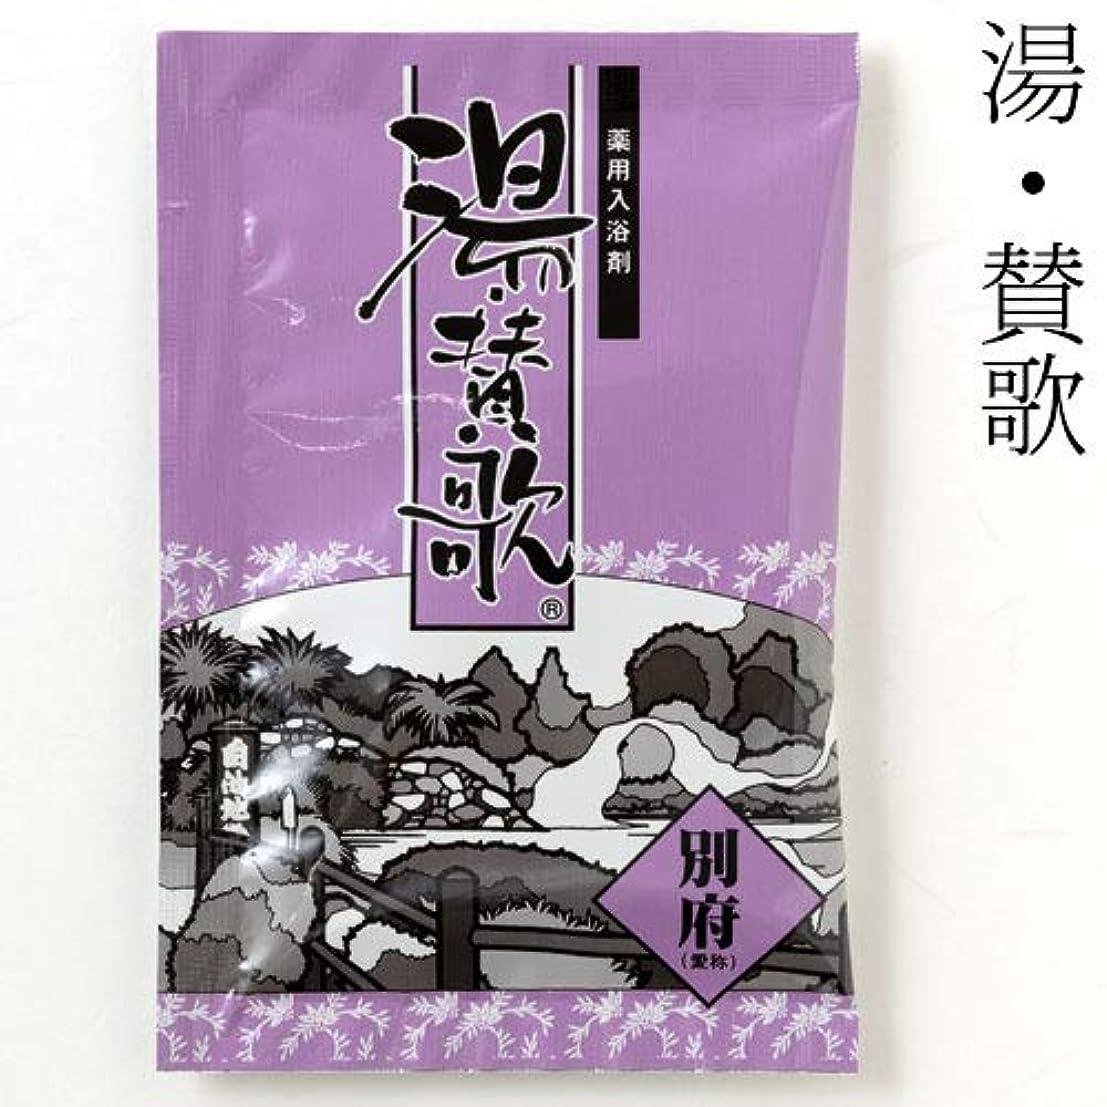 気怠い緯度制限する入浴剤湯?賛歌別府1包石川県のお風呂グッズBath additive, Ishikawa craft